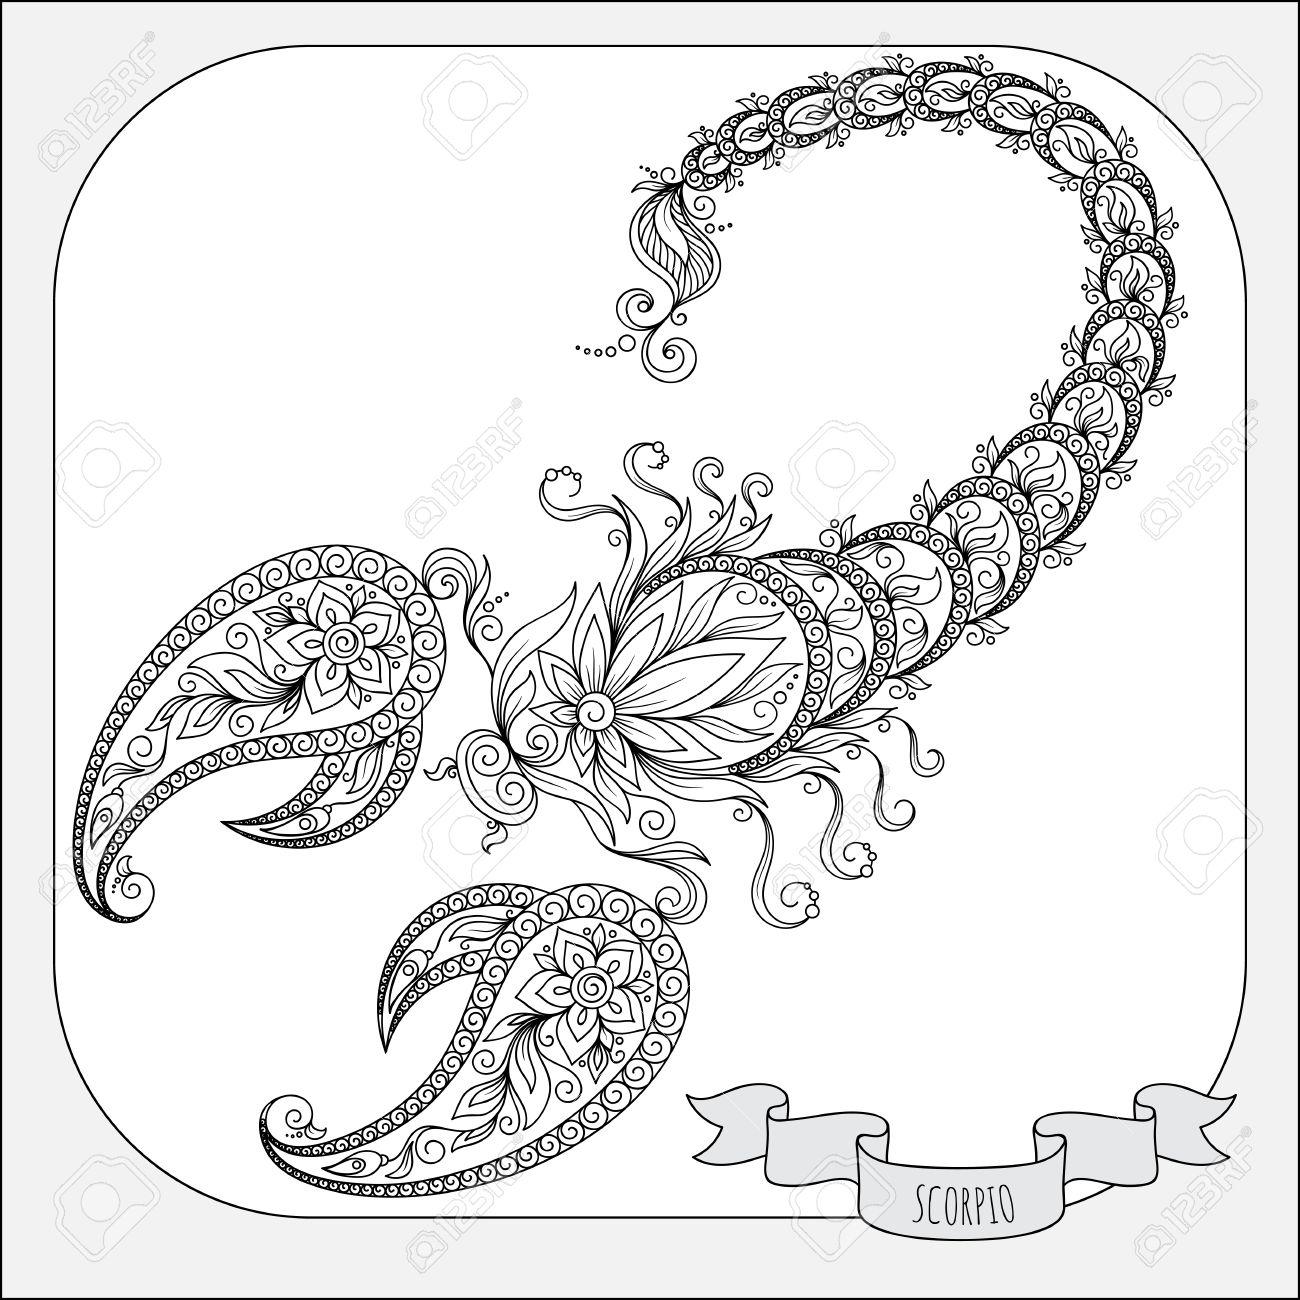 23a2862bd0d7 Patrón de libro para colorear. Dé las flores línea de arte de la del  zodiaco del escorpión. símbolo del horóscopo para su uso. Para el arte del  ...